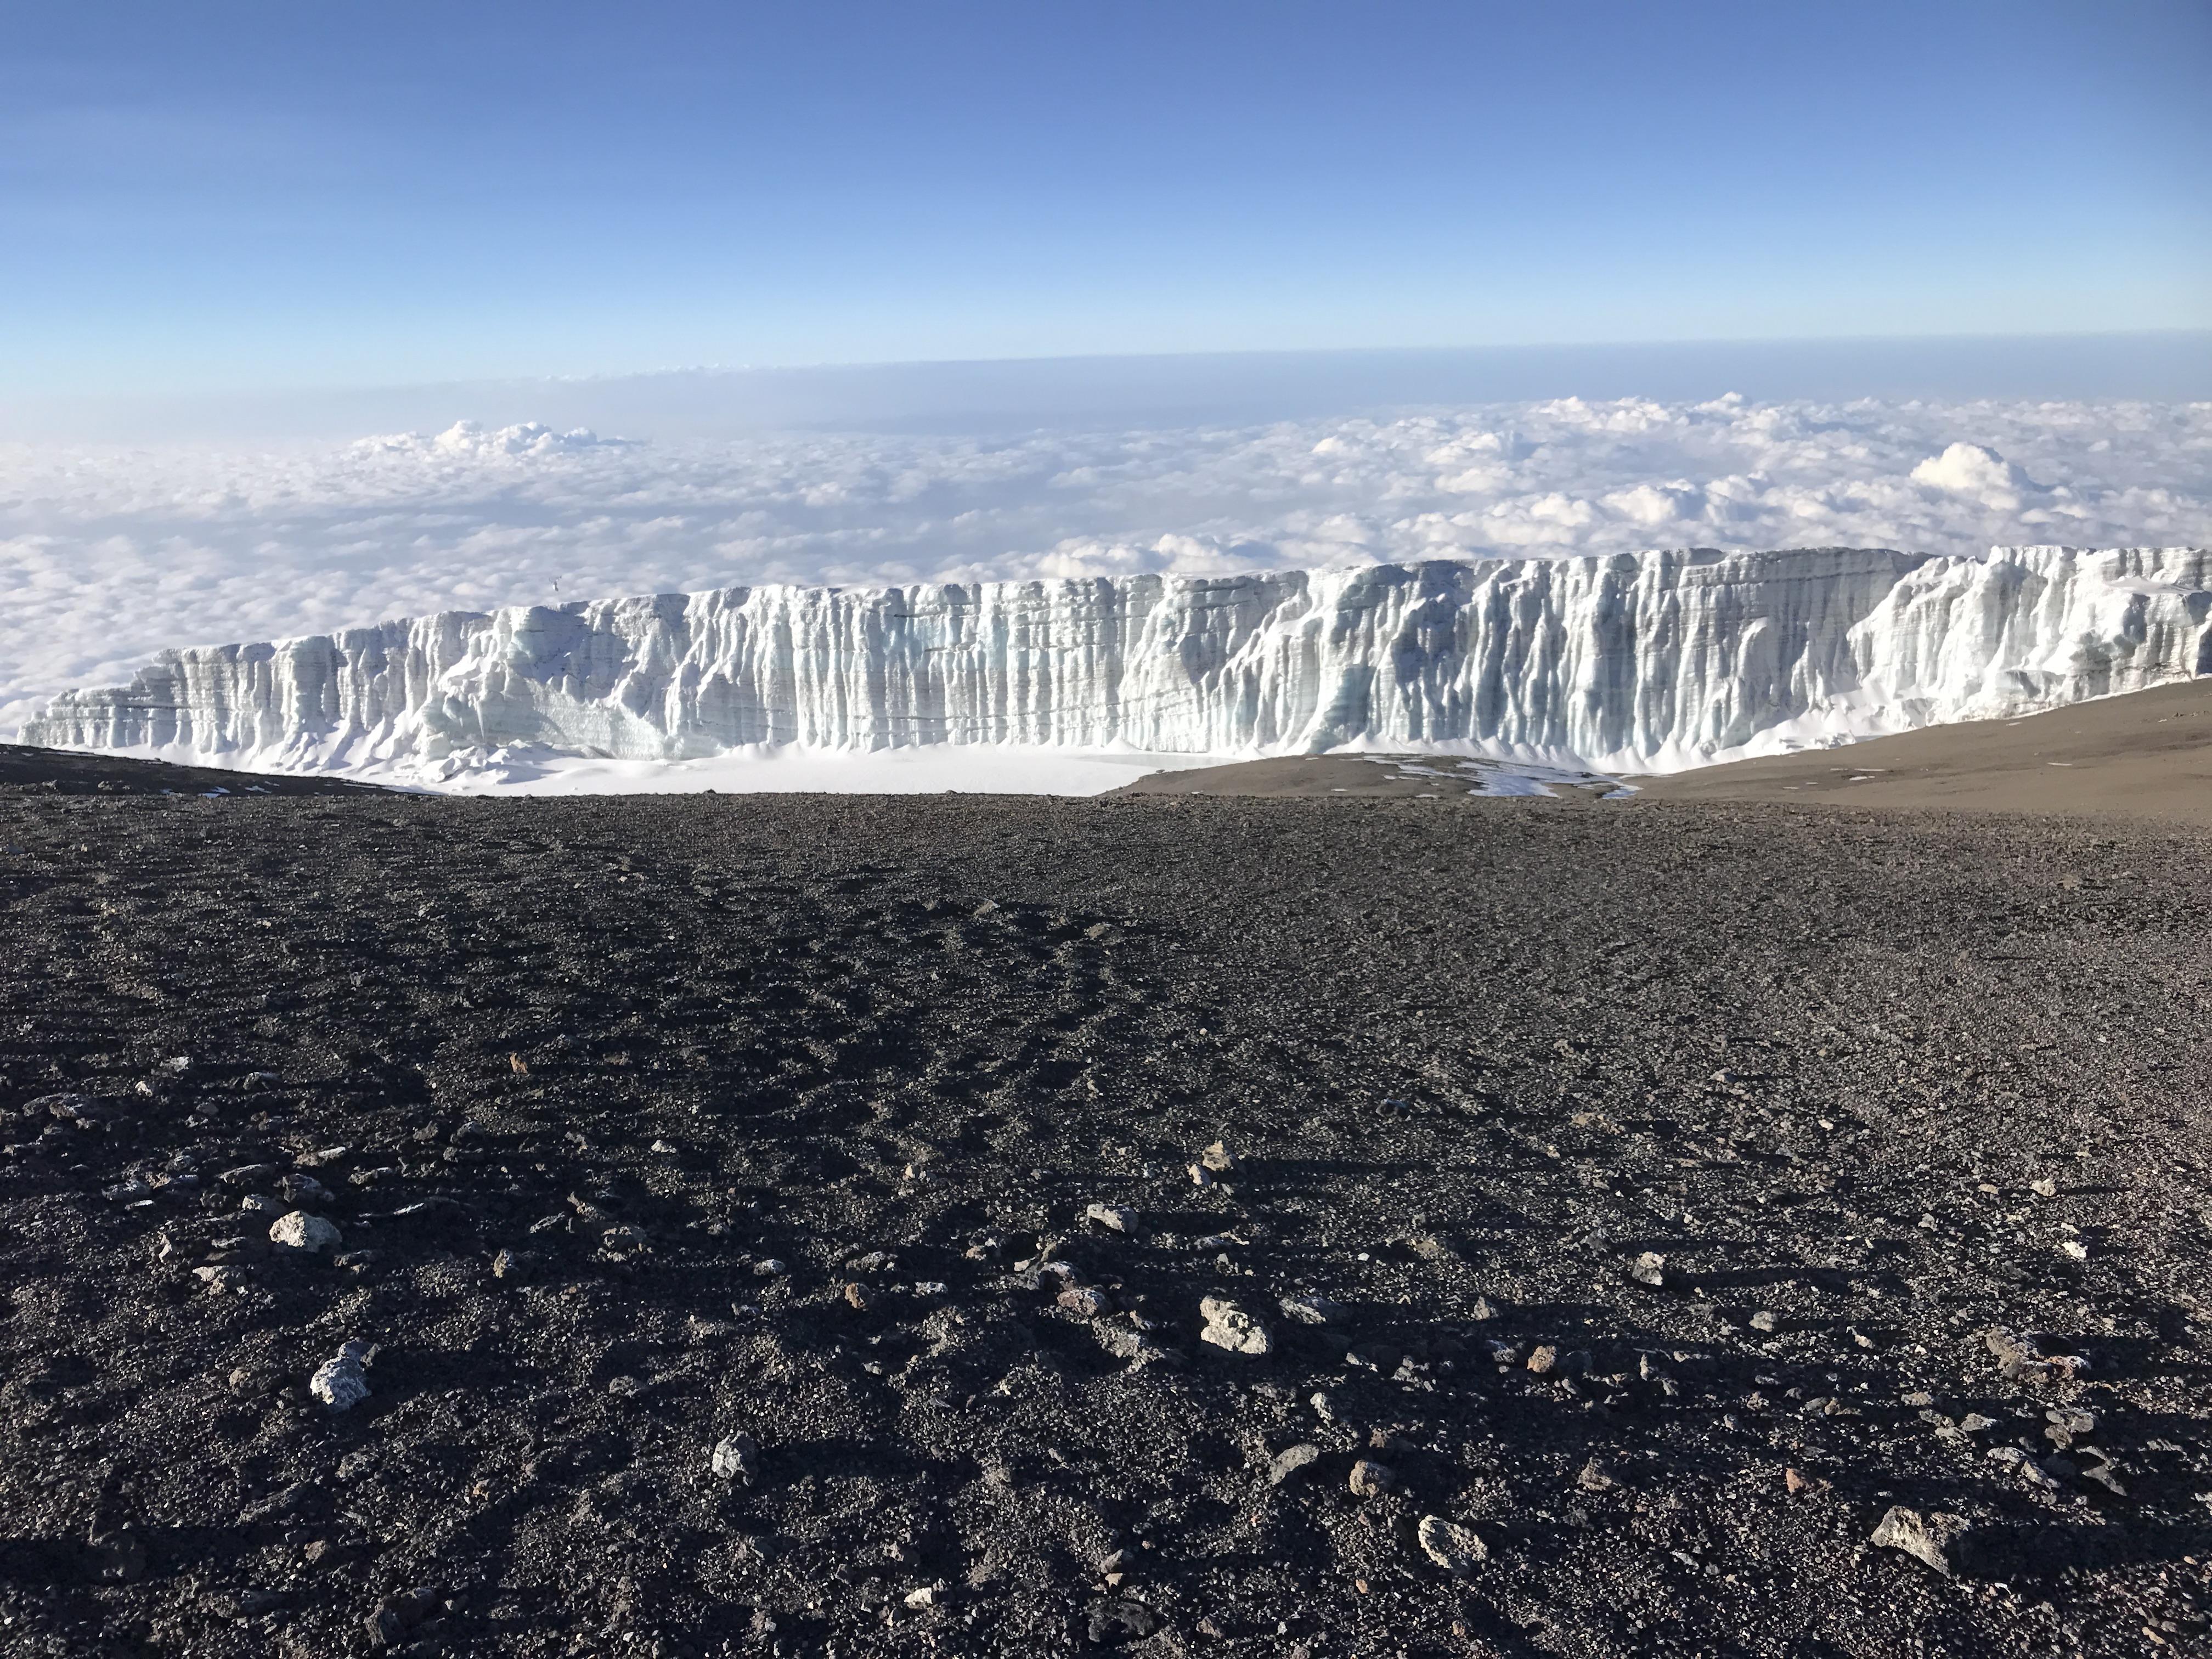 Uhuru Peak 5895 meter Kilimanjaro, Mount Kilimanjaro